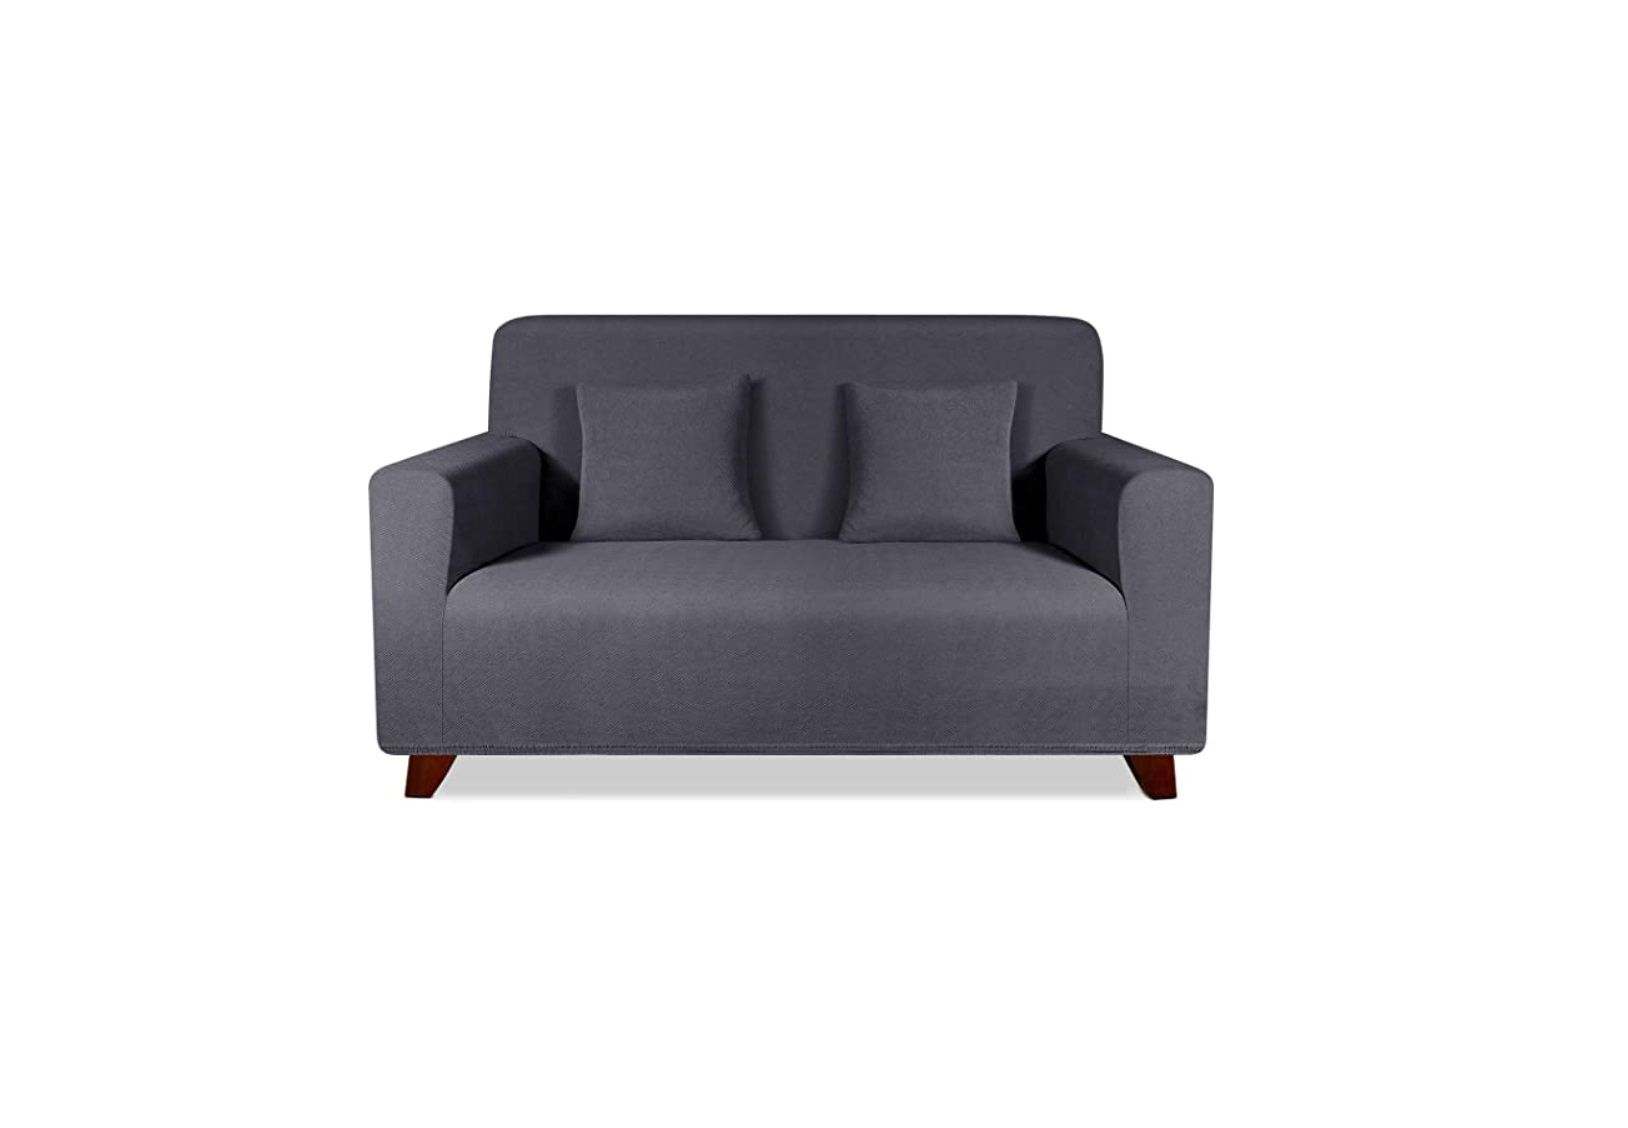 En este momento estás viendo ¡50% de dto! Funda de sofá por sólo 19,99€ usando este cupón descuento ¡En varios colores!